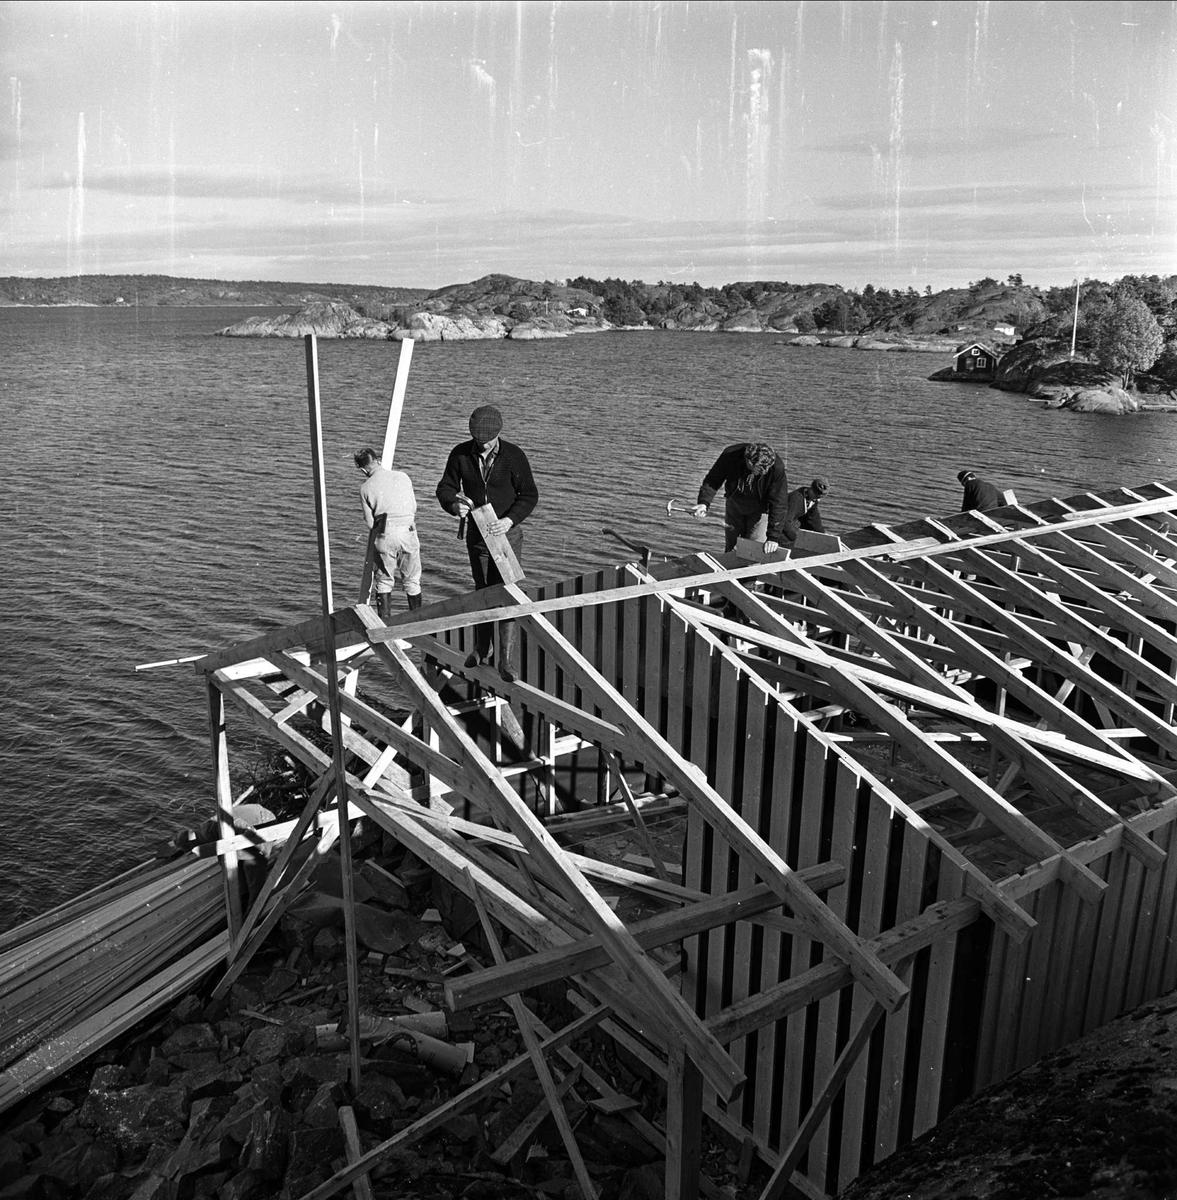 Fylkesmannen i Telemark bygger sommerhus ved Kragerø,  Telemark, oktober 1963. Arbeidere bygger hus.